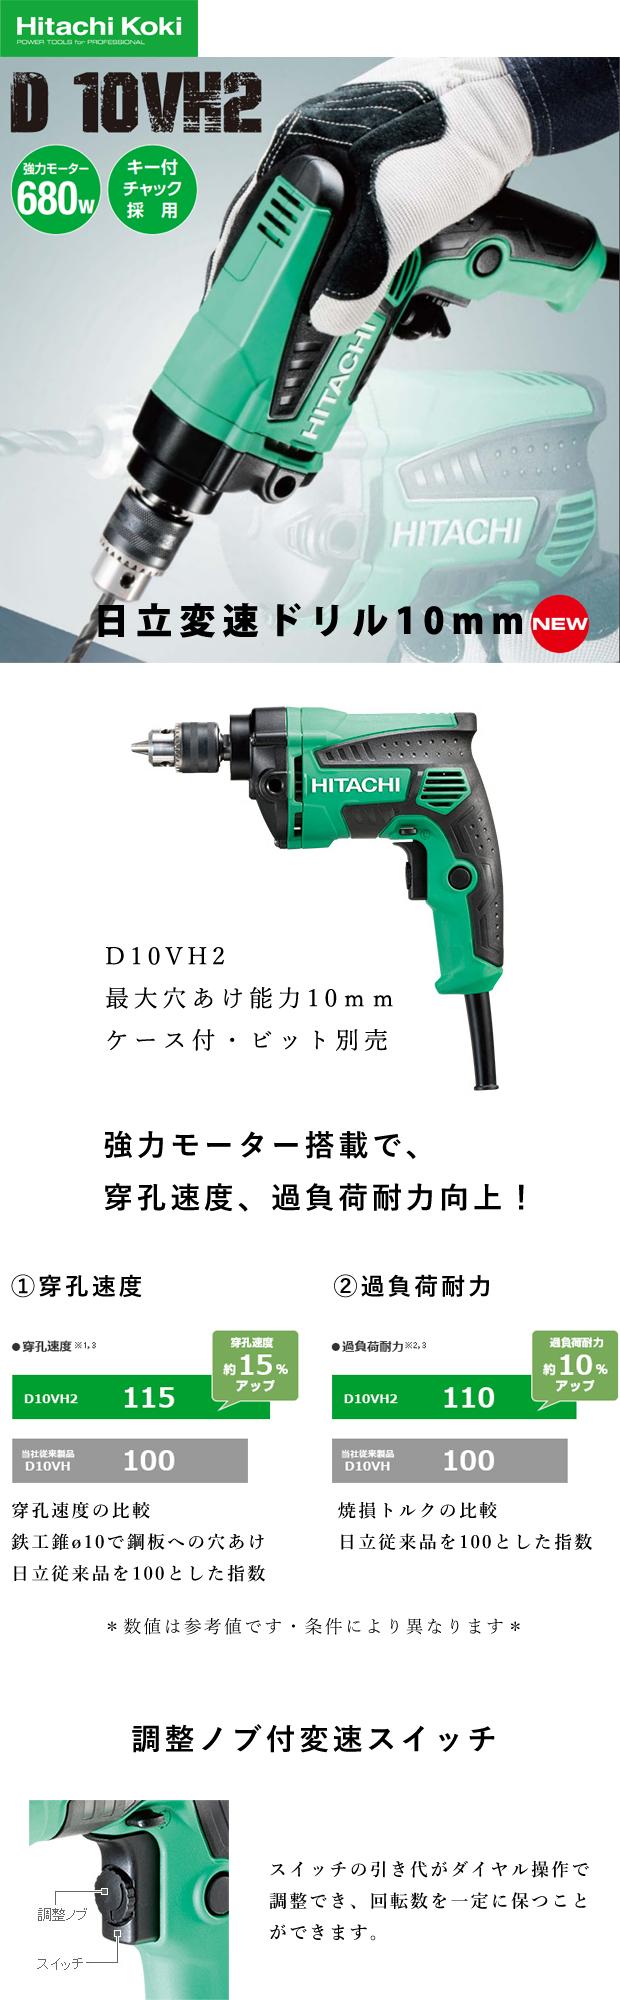 日立 変速ドリル D10VH2